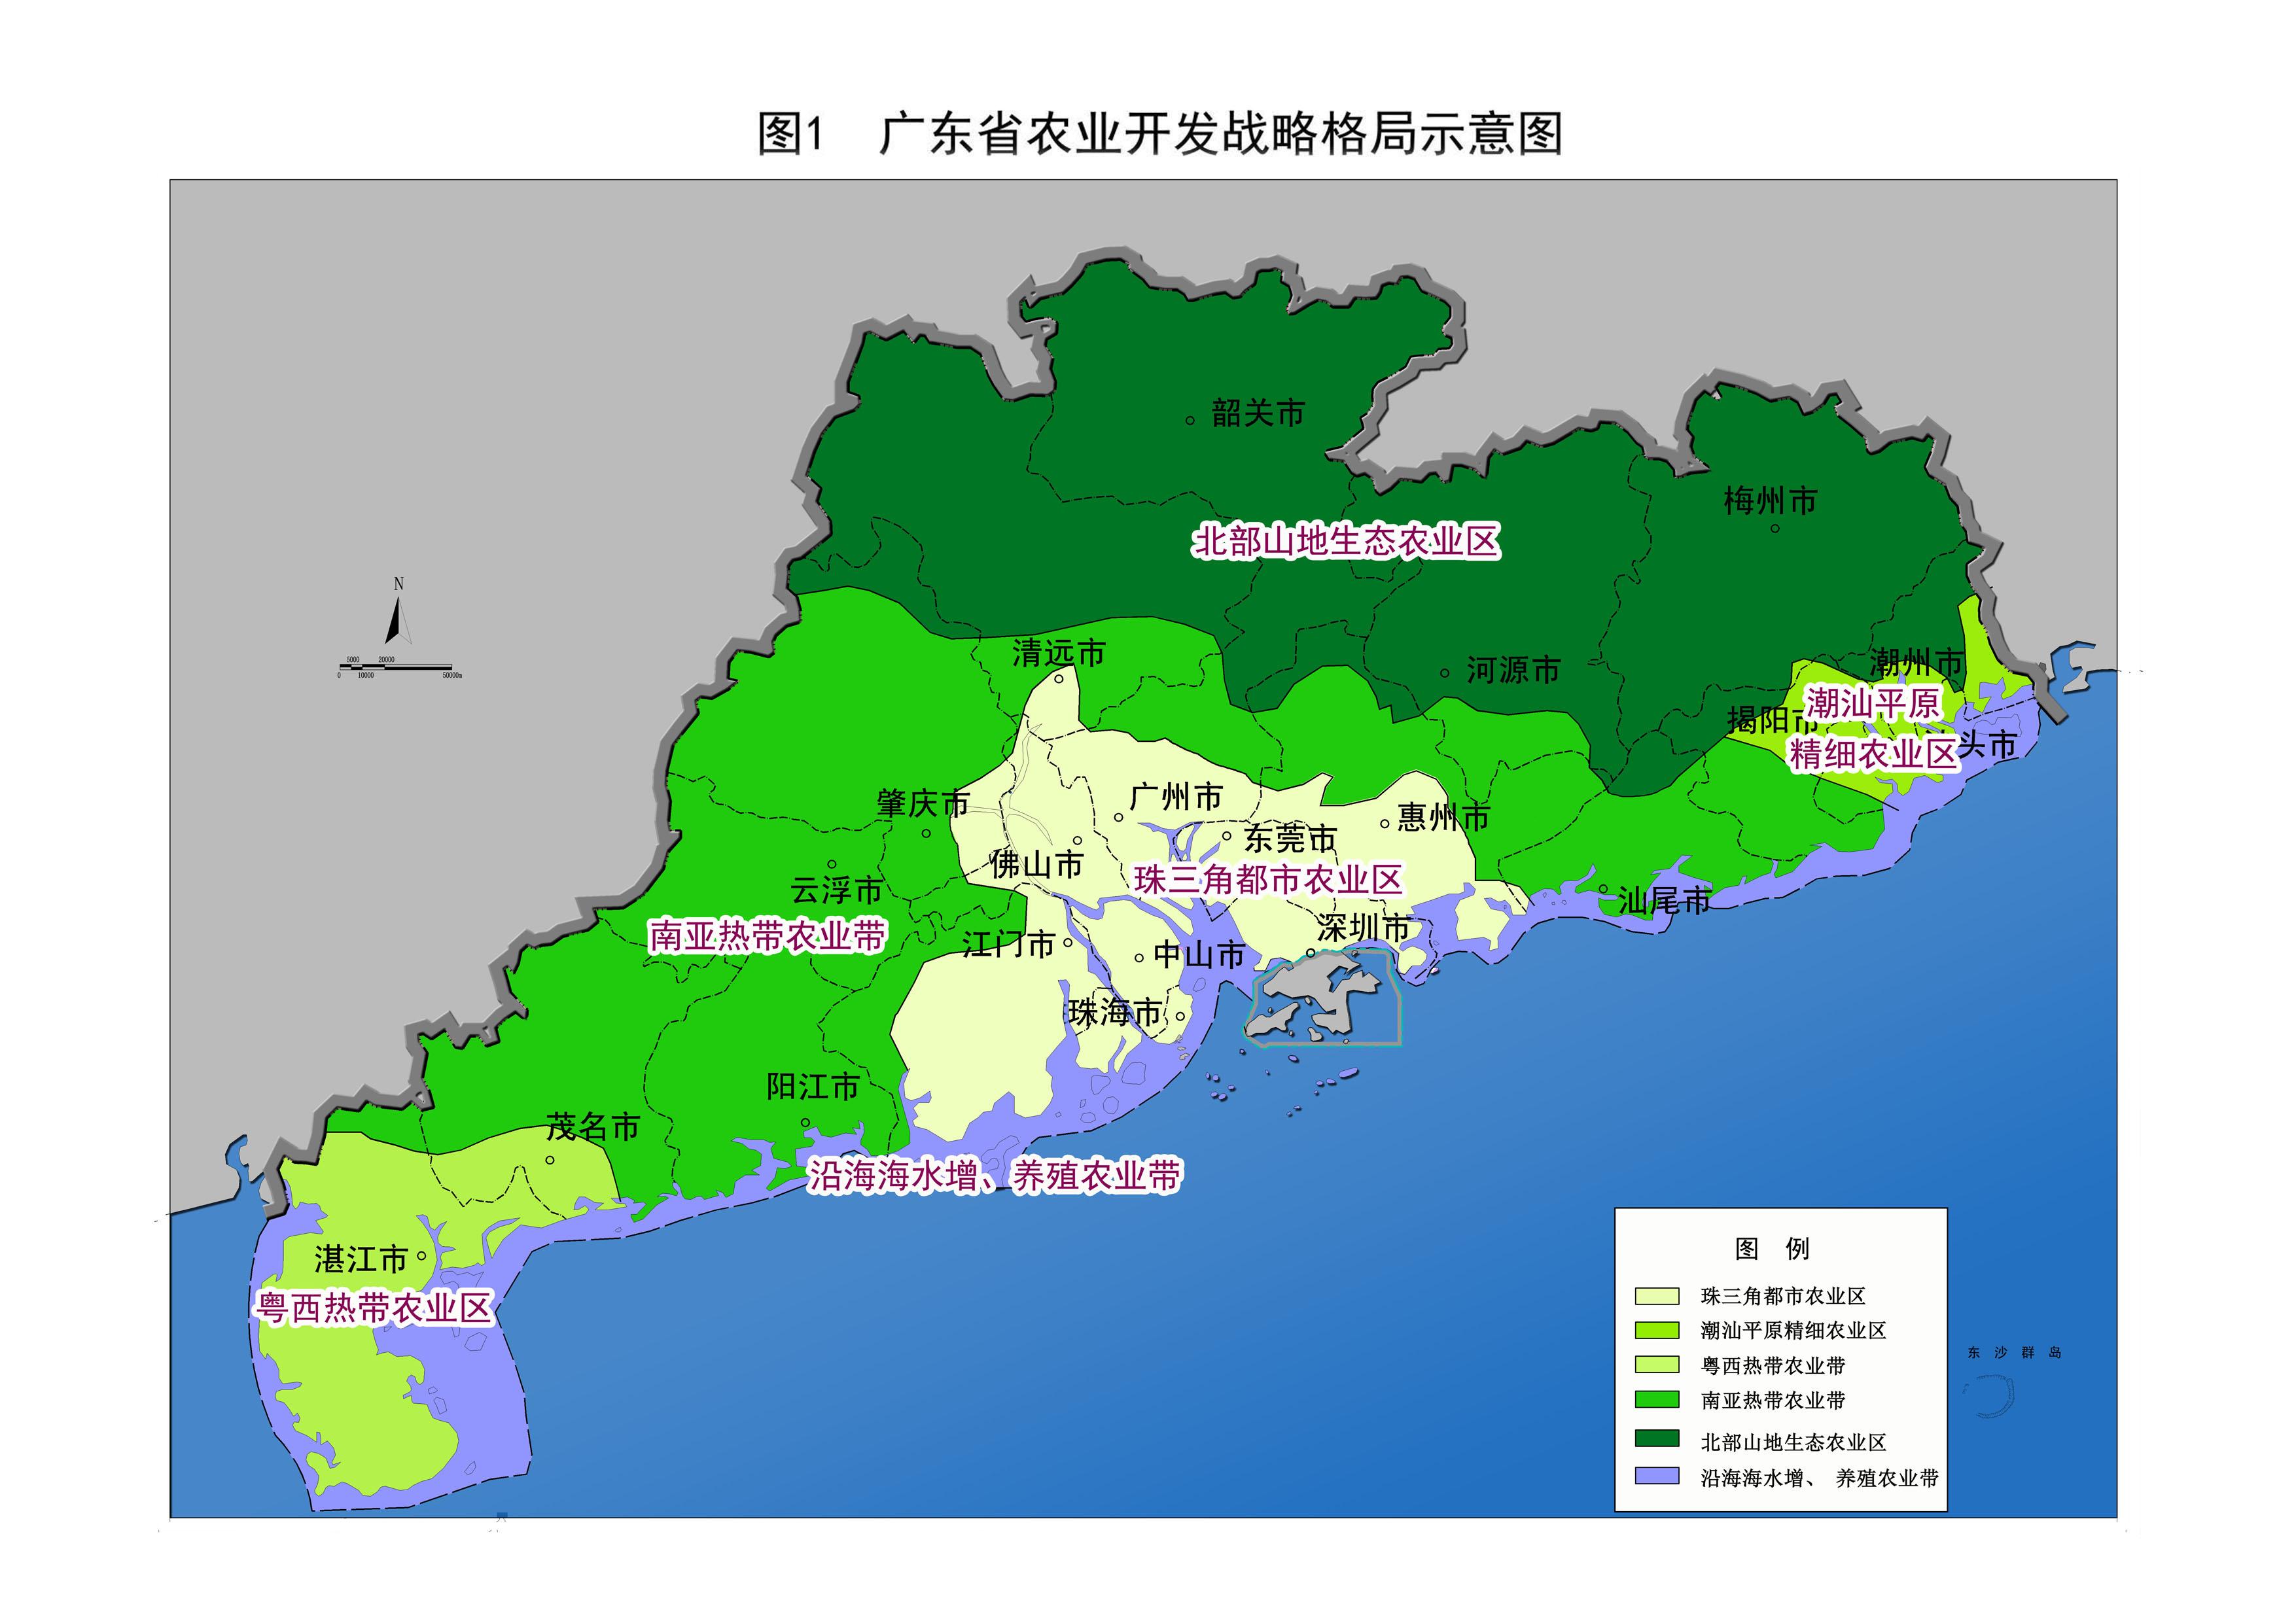 广东地区地图矢量图